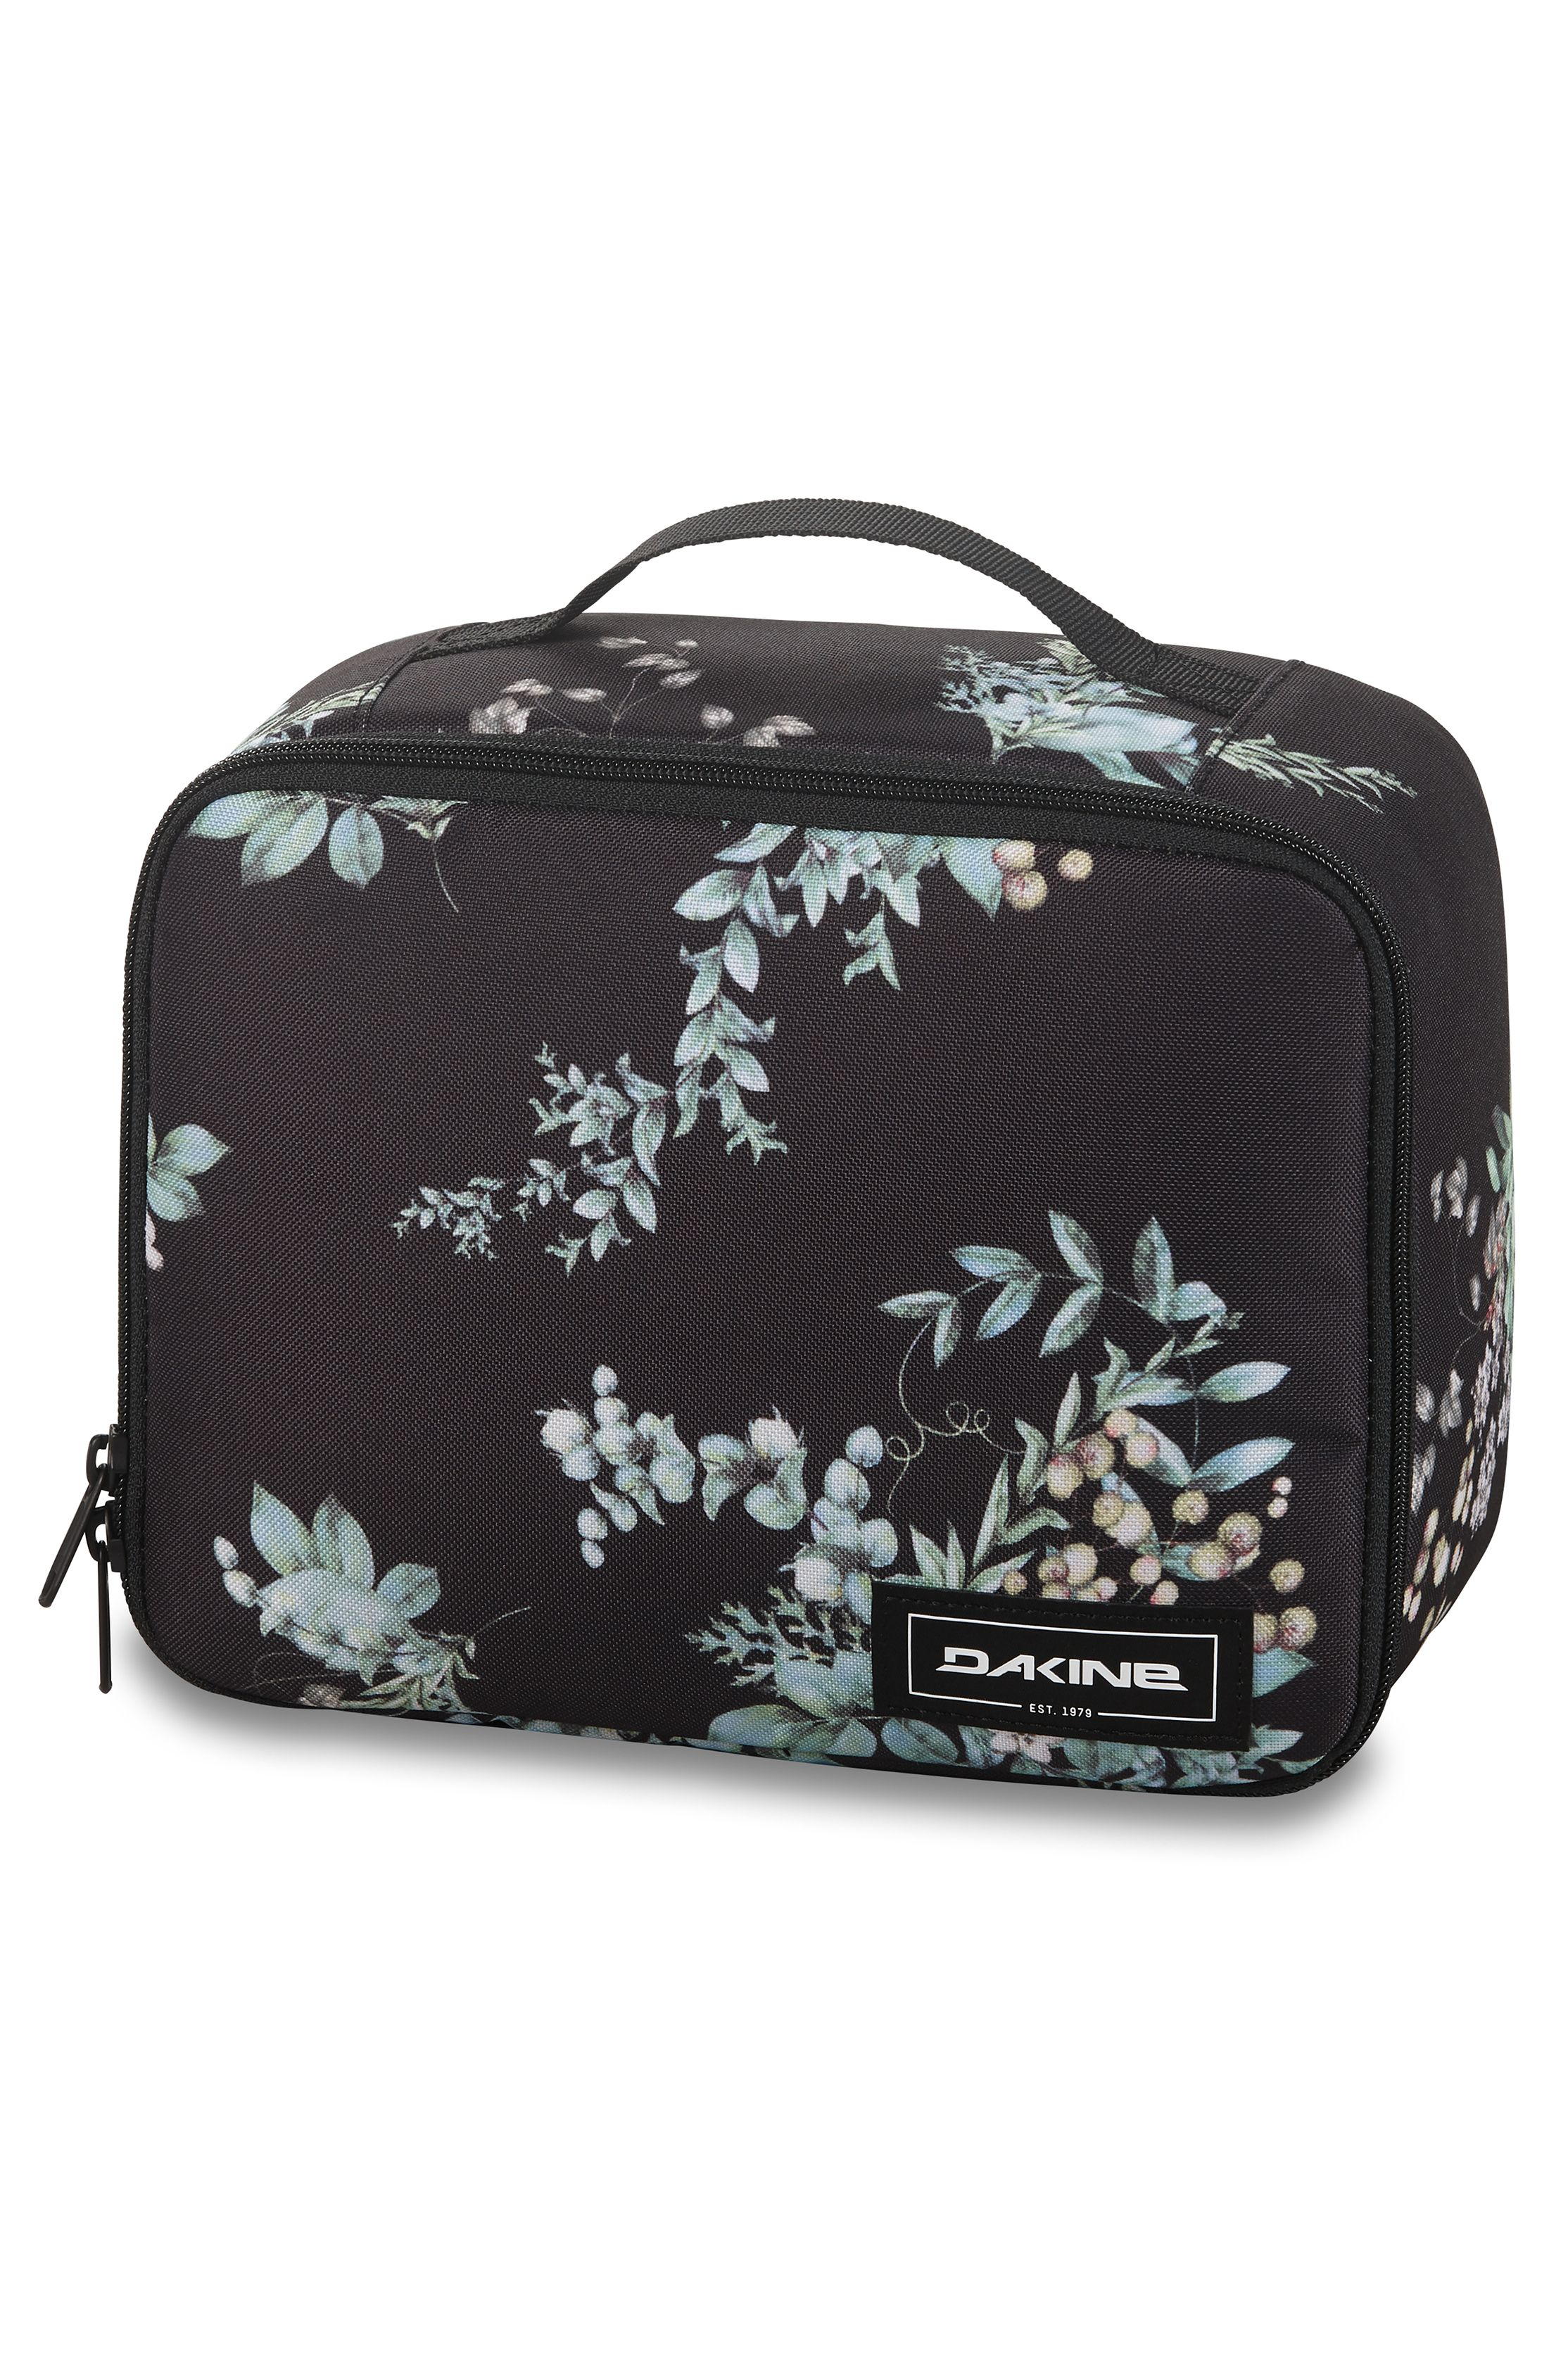 Dakine Purse LUNCH BOX 5L Solstice Floral